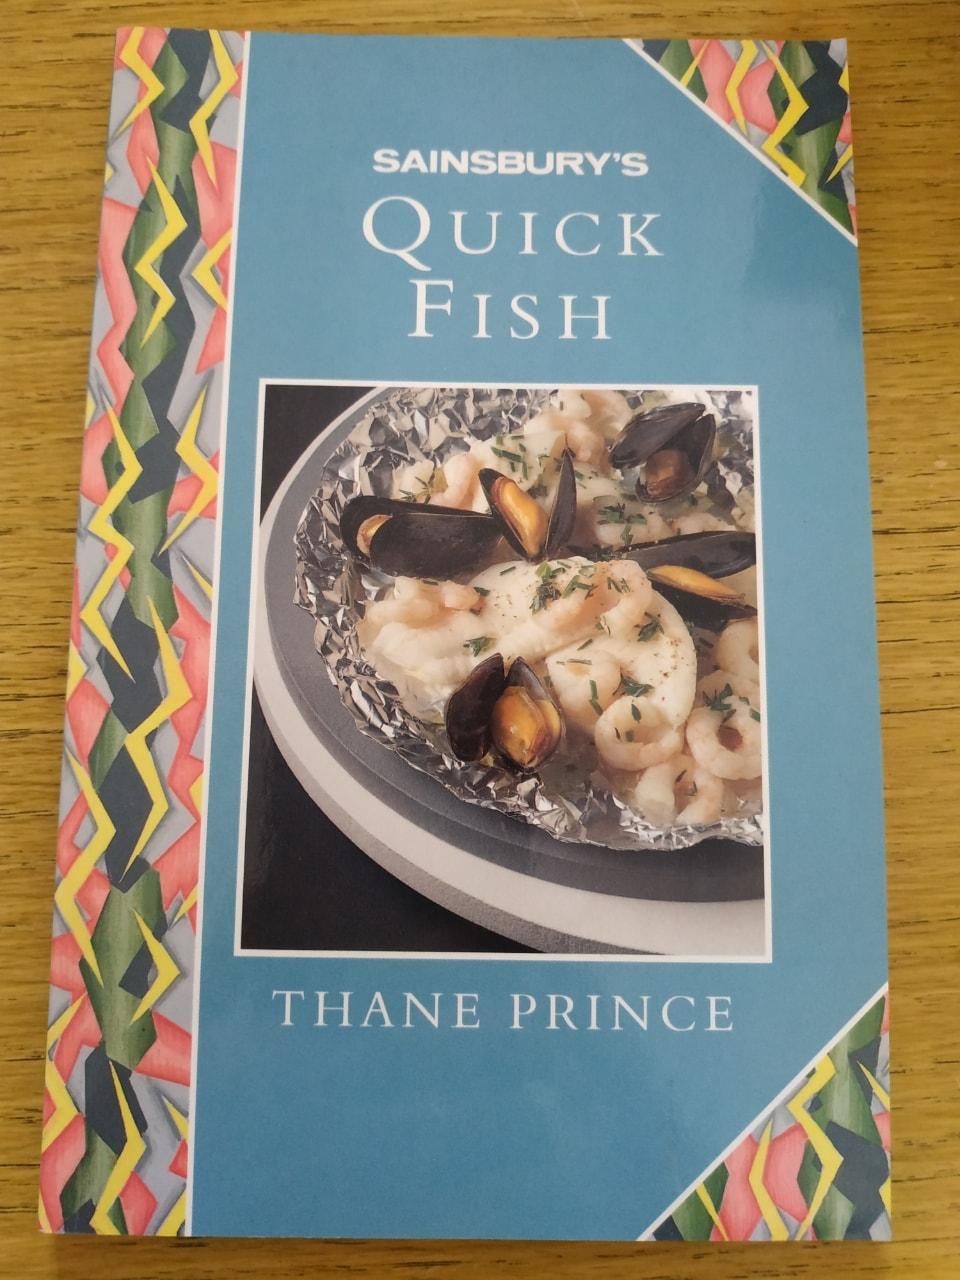 Cookbook - Quick fish